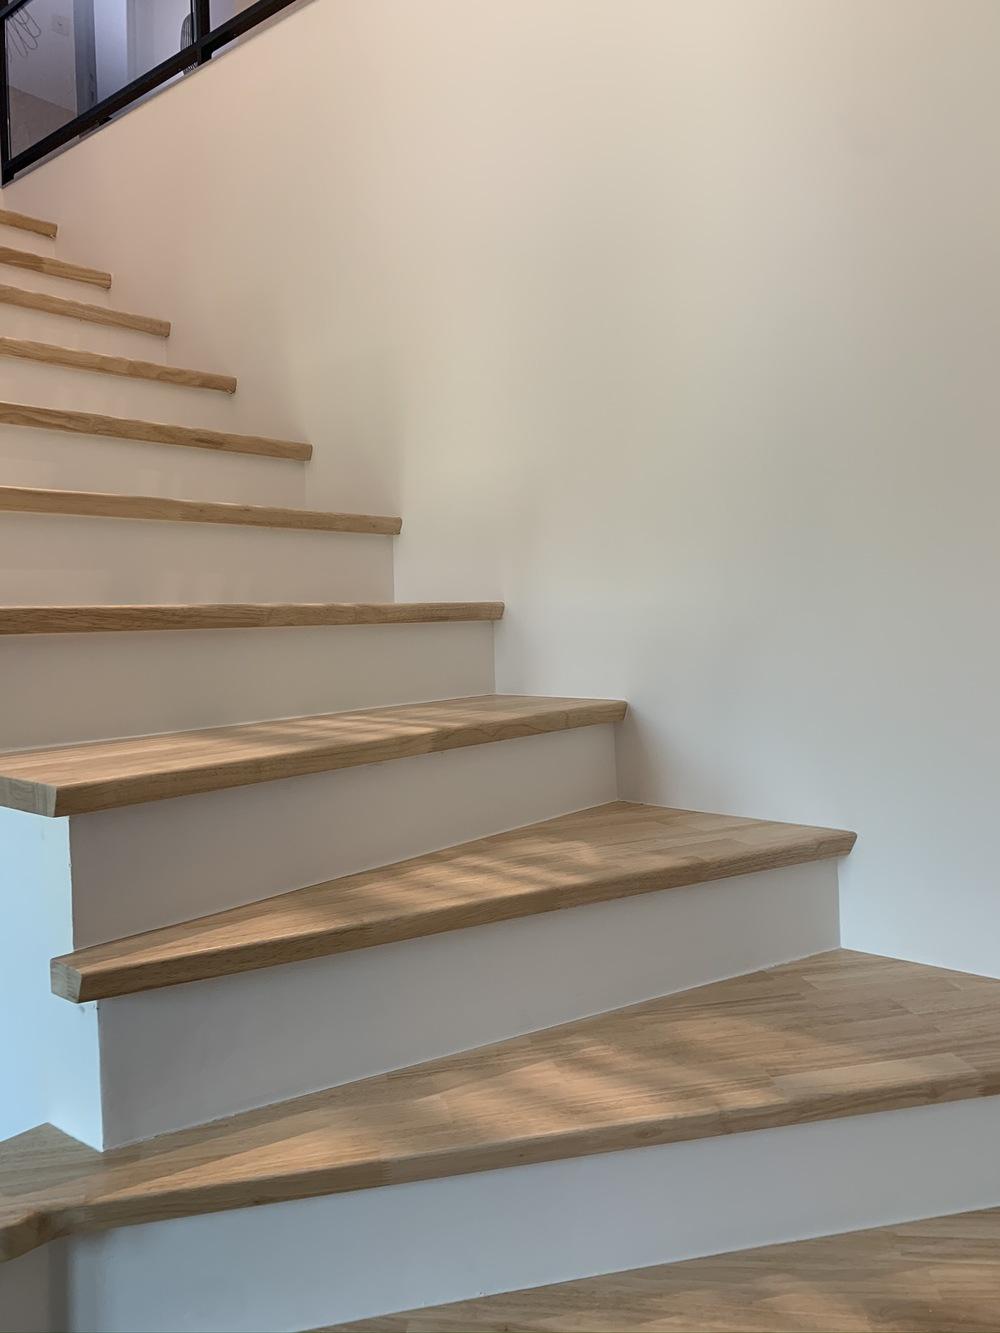 Escalier rénové et repeint en blanc par notre artisan à montpellier